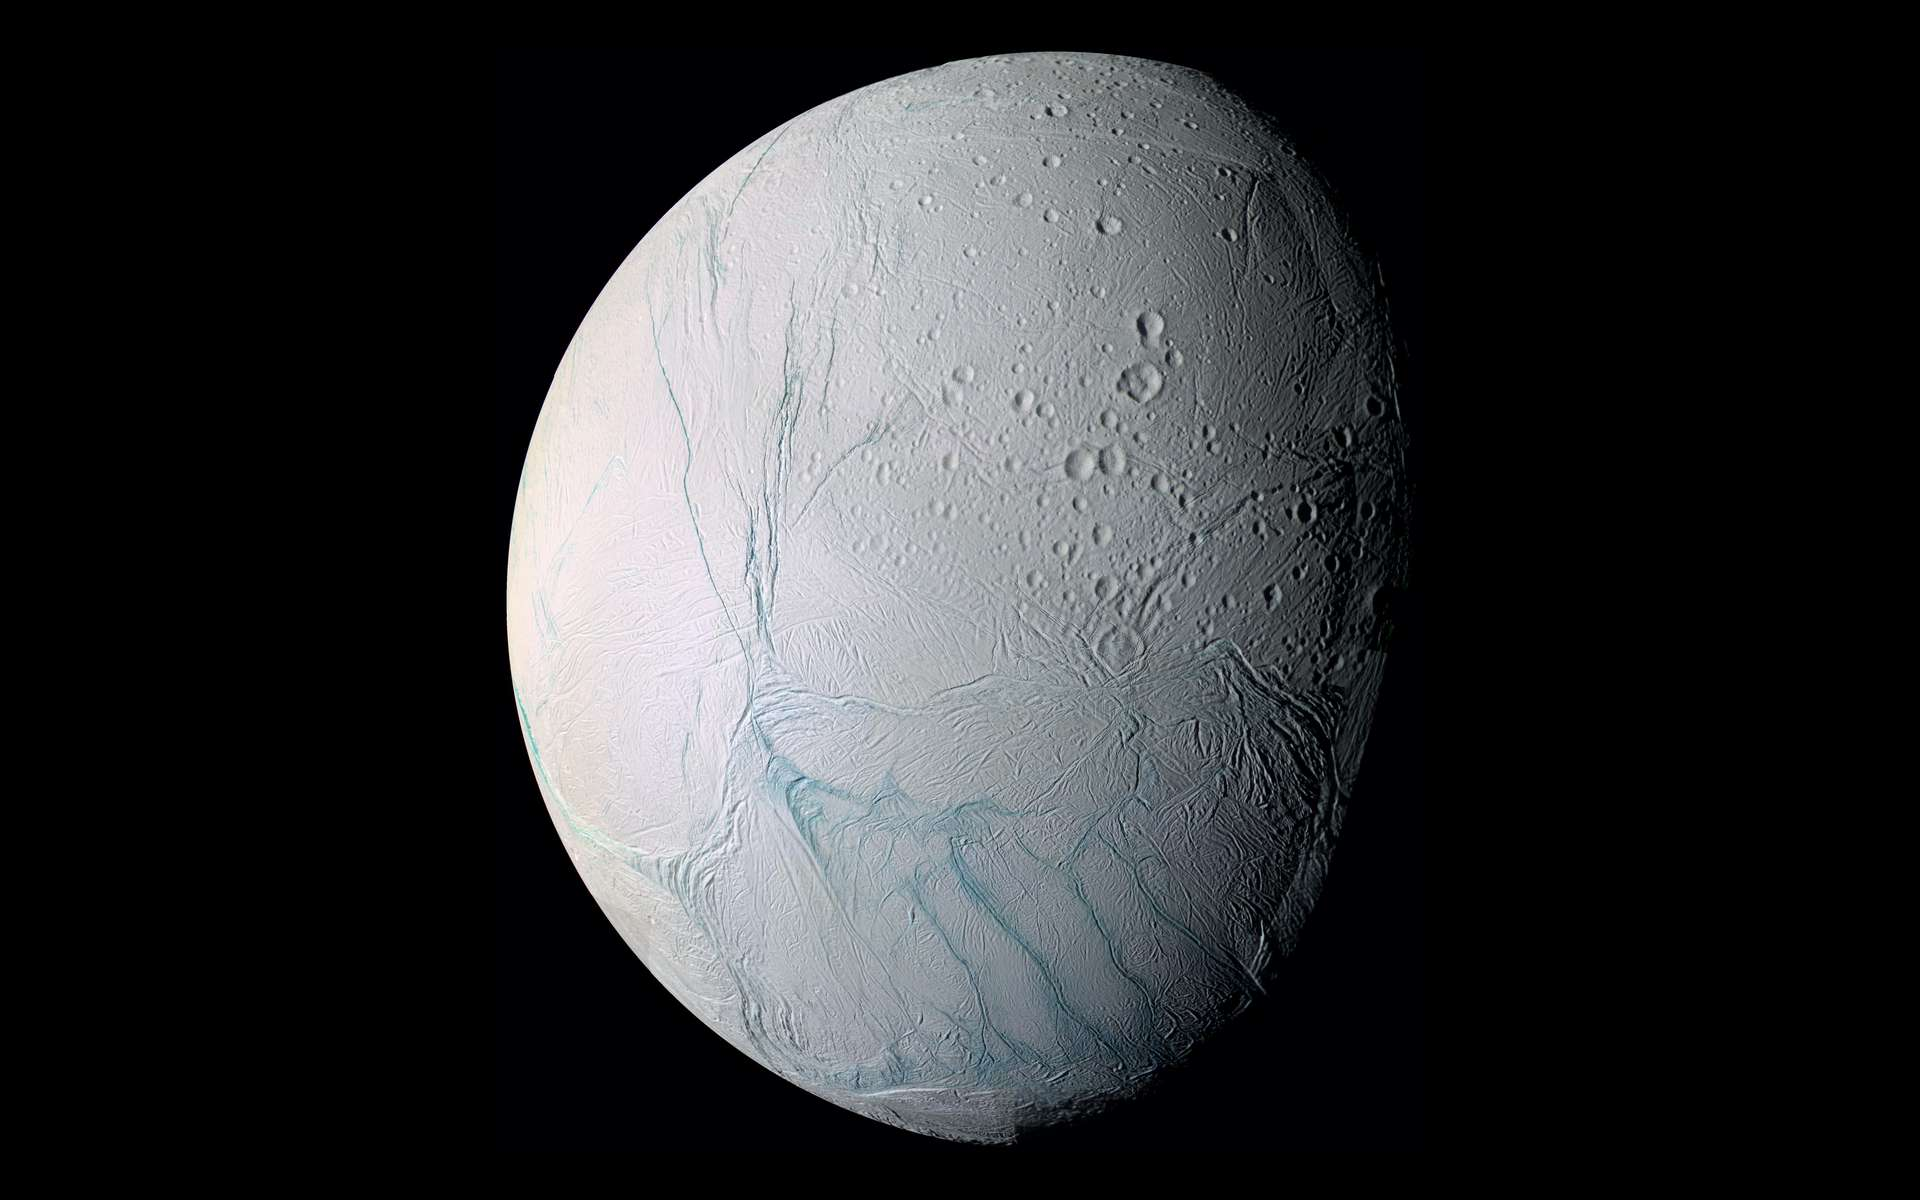 Les rayures de tigre qui apparaissent au pôle sud d'Encelade, le satellite glacé de Saturne, seraient le résultat de contraintes gravitationnelles. © Nasa, JPL